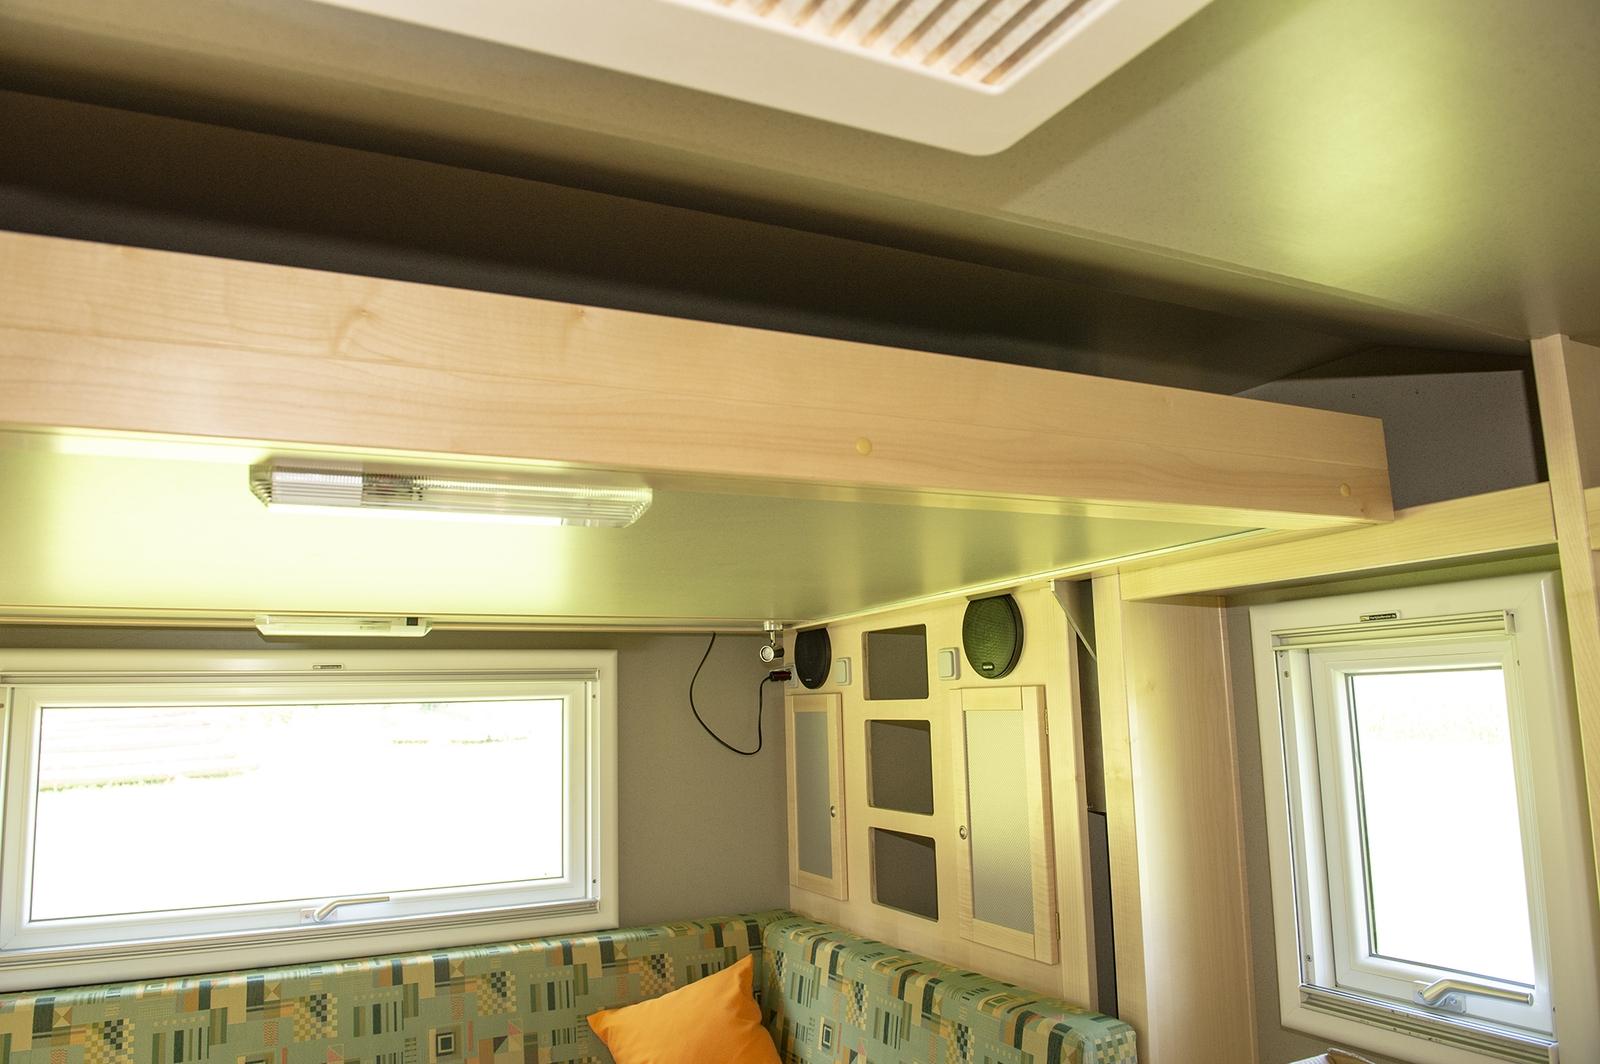 Das Hubbett wird tagsüber hochgefahren. Dadurch gewinnt man viel Platz, den man sonst am Tag kaum nutzt. Wer ein Festbett und eine separate Sitzecke bevorzugt greift zu gleichgroßen Kabine EX 432.